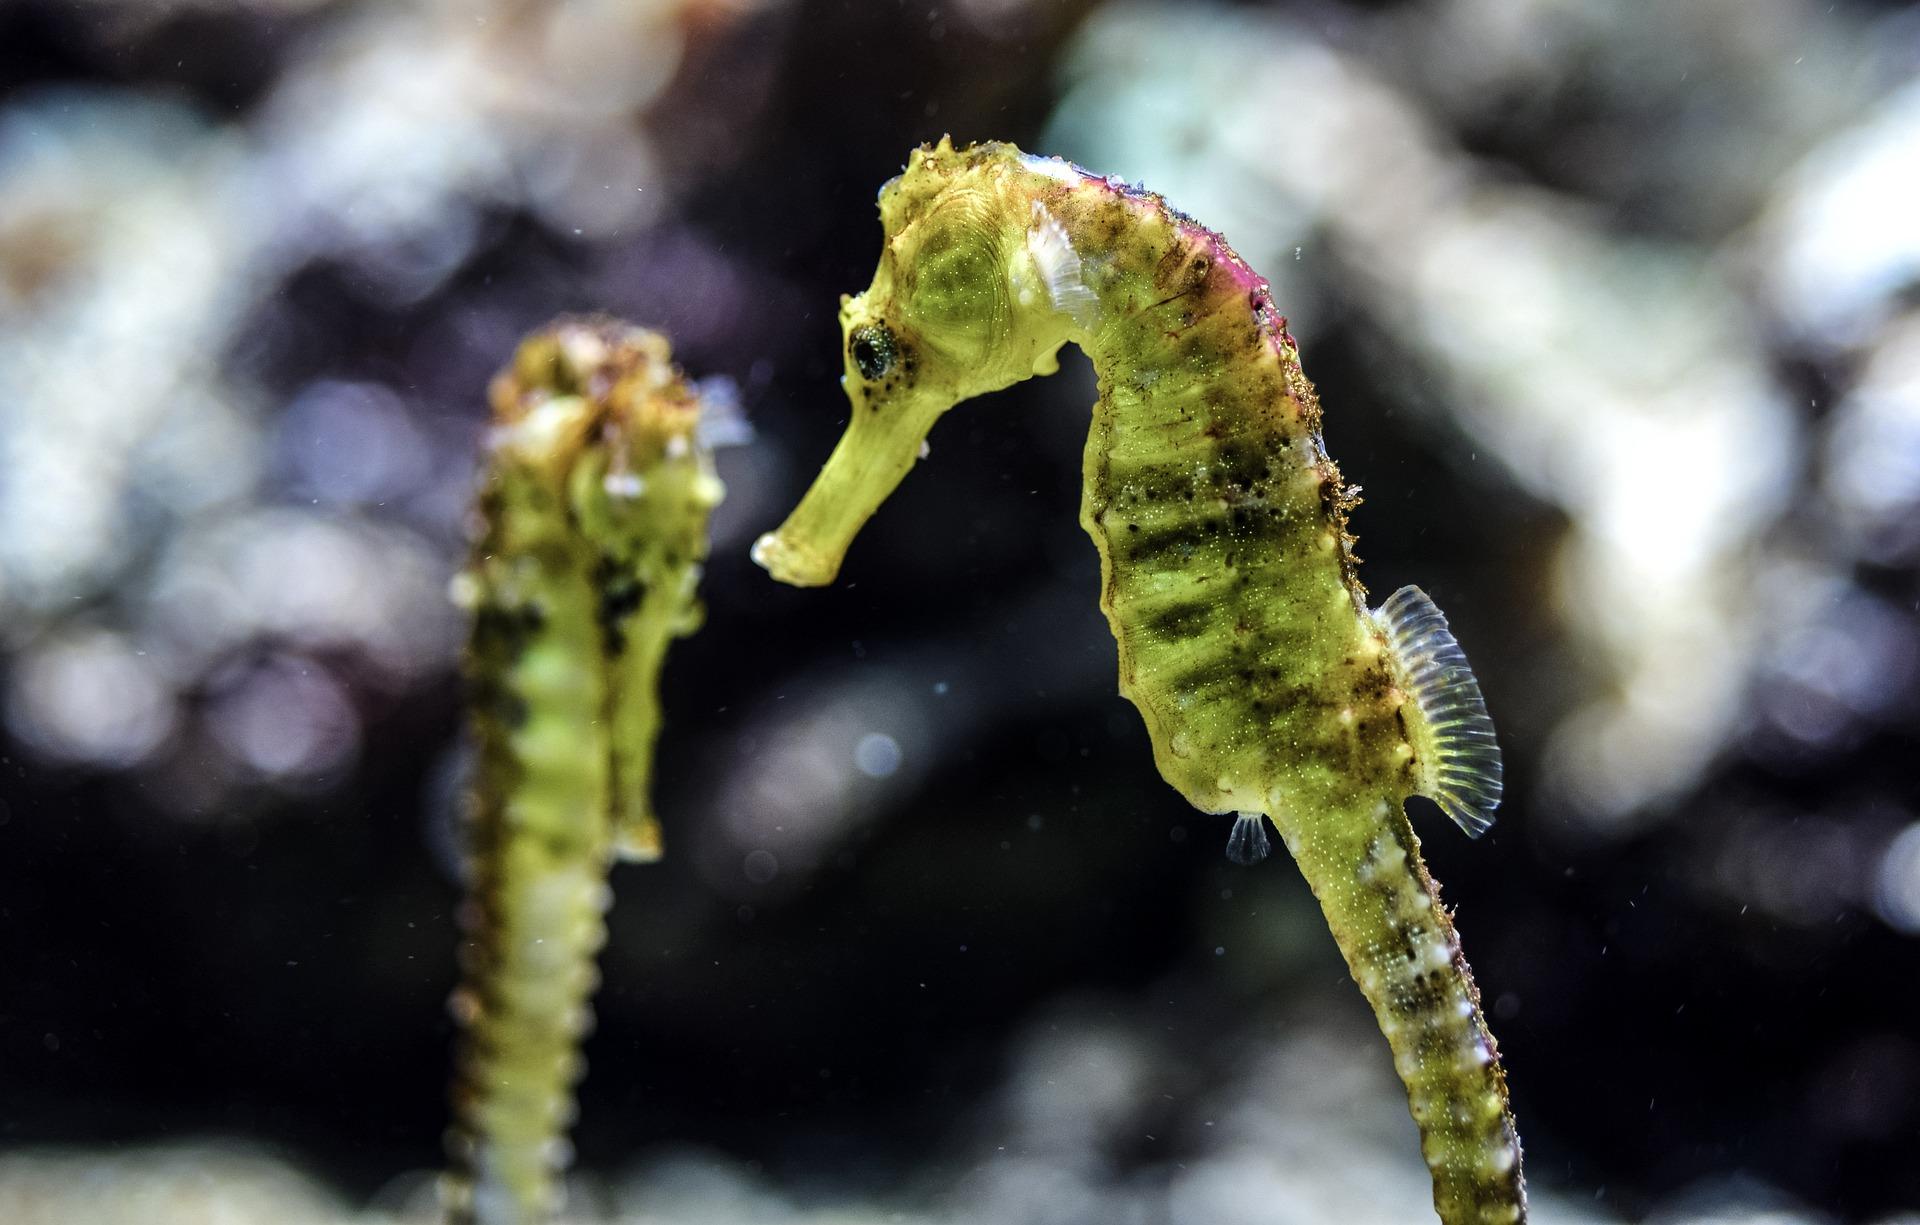 Konik morski ma niezwykle charakterystyczne ciało, duże oczy, długą płetwę grzbietową, znikomą odbytową, nie posiada ogonowej. Konik morski może zmieniać ubarwienie.